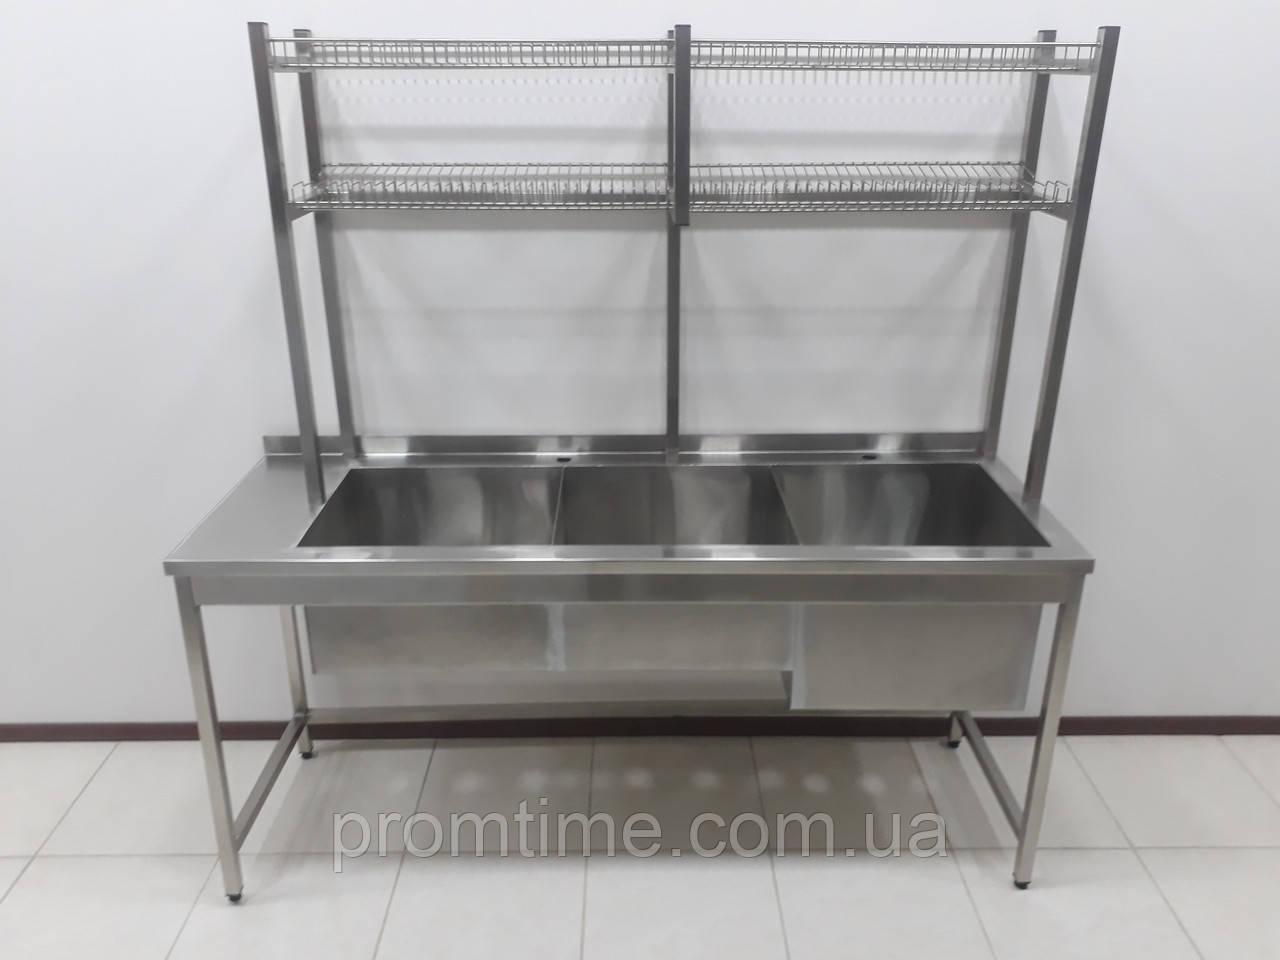 Мойка 3-х секционная из нержавеющей стали 1800х600х1800 с надстройкой для сушки посуды